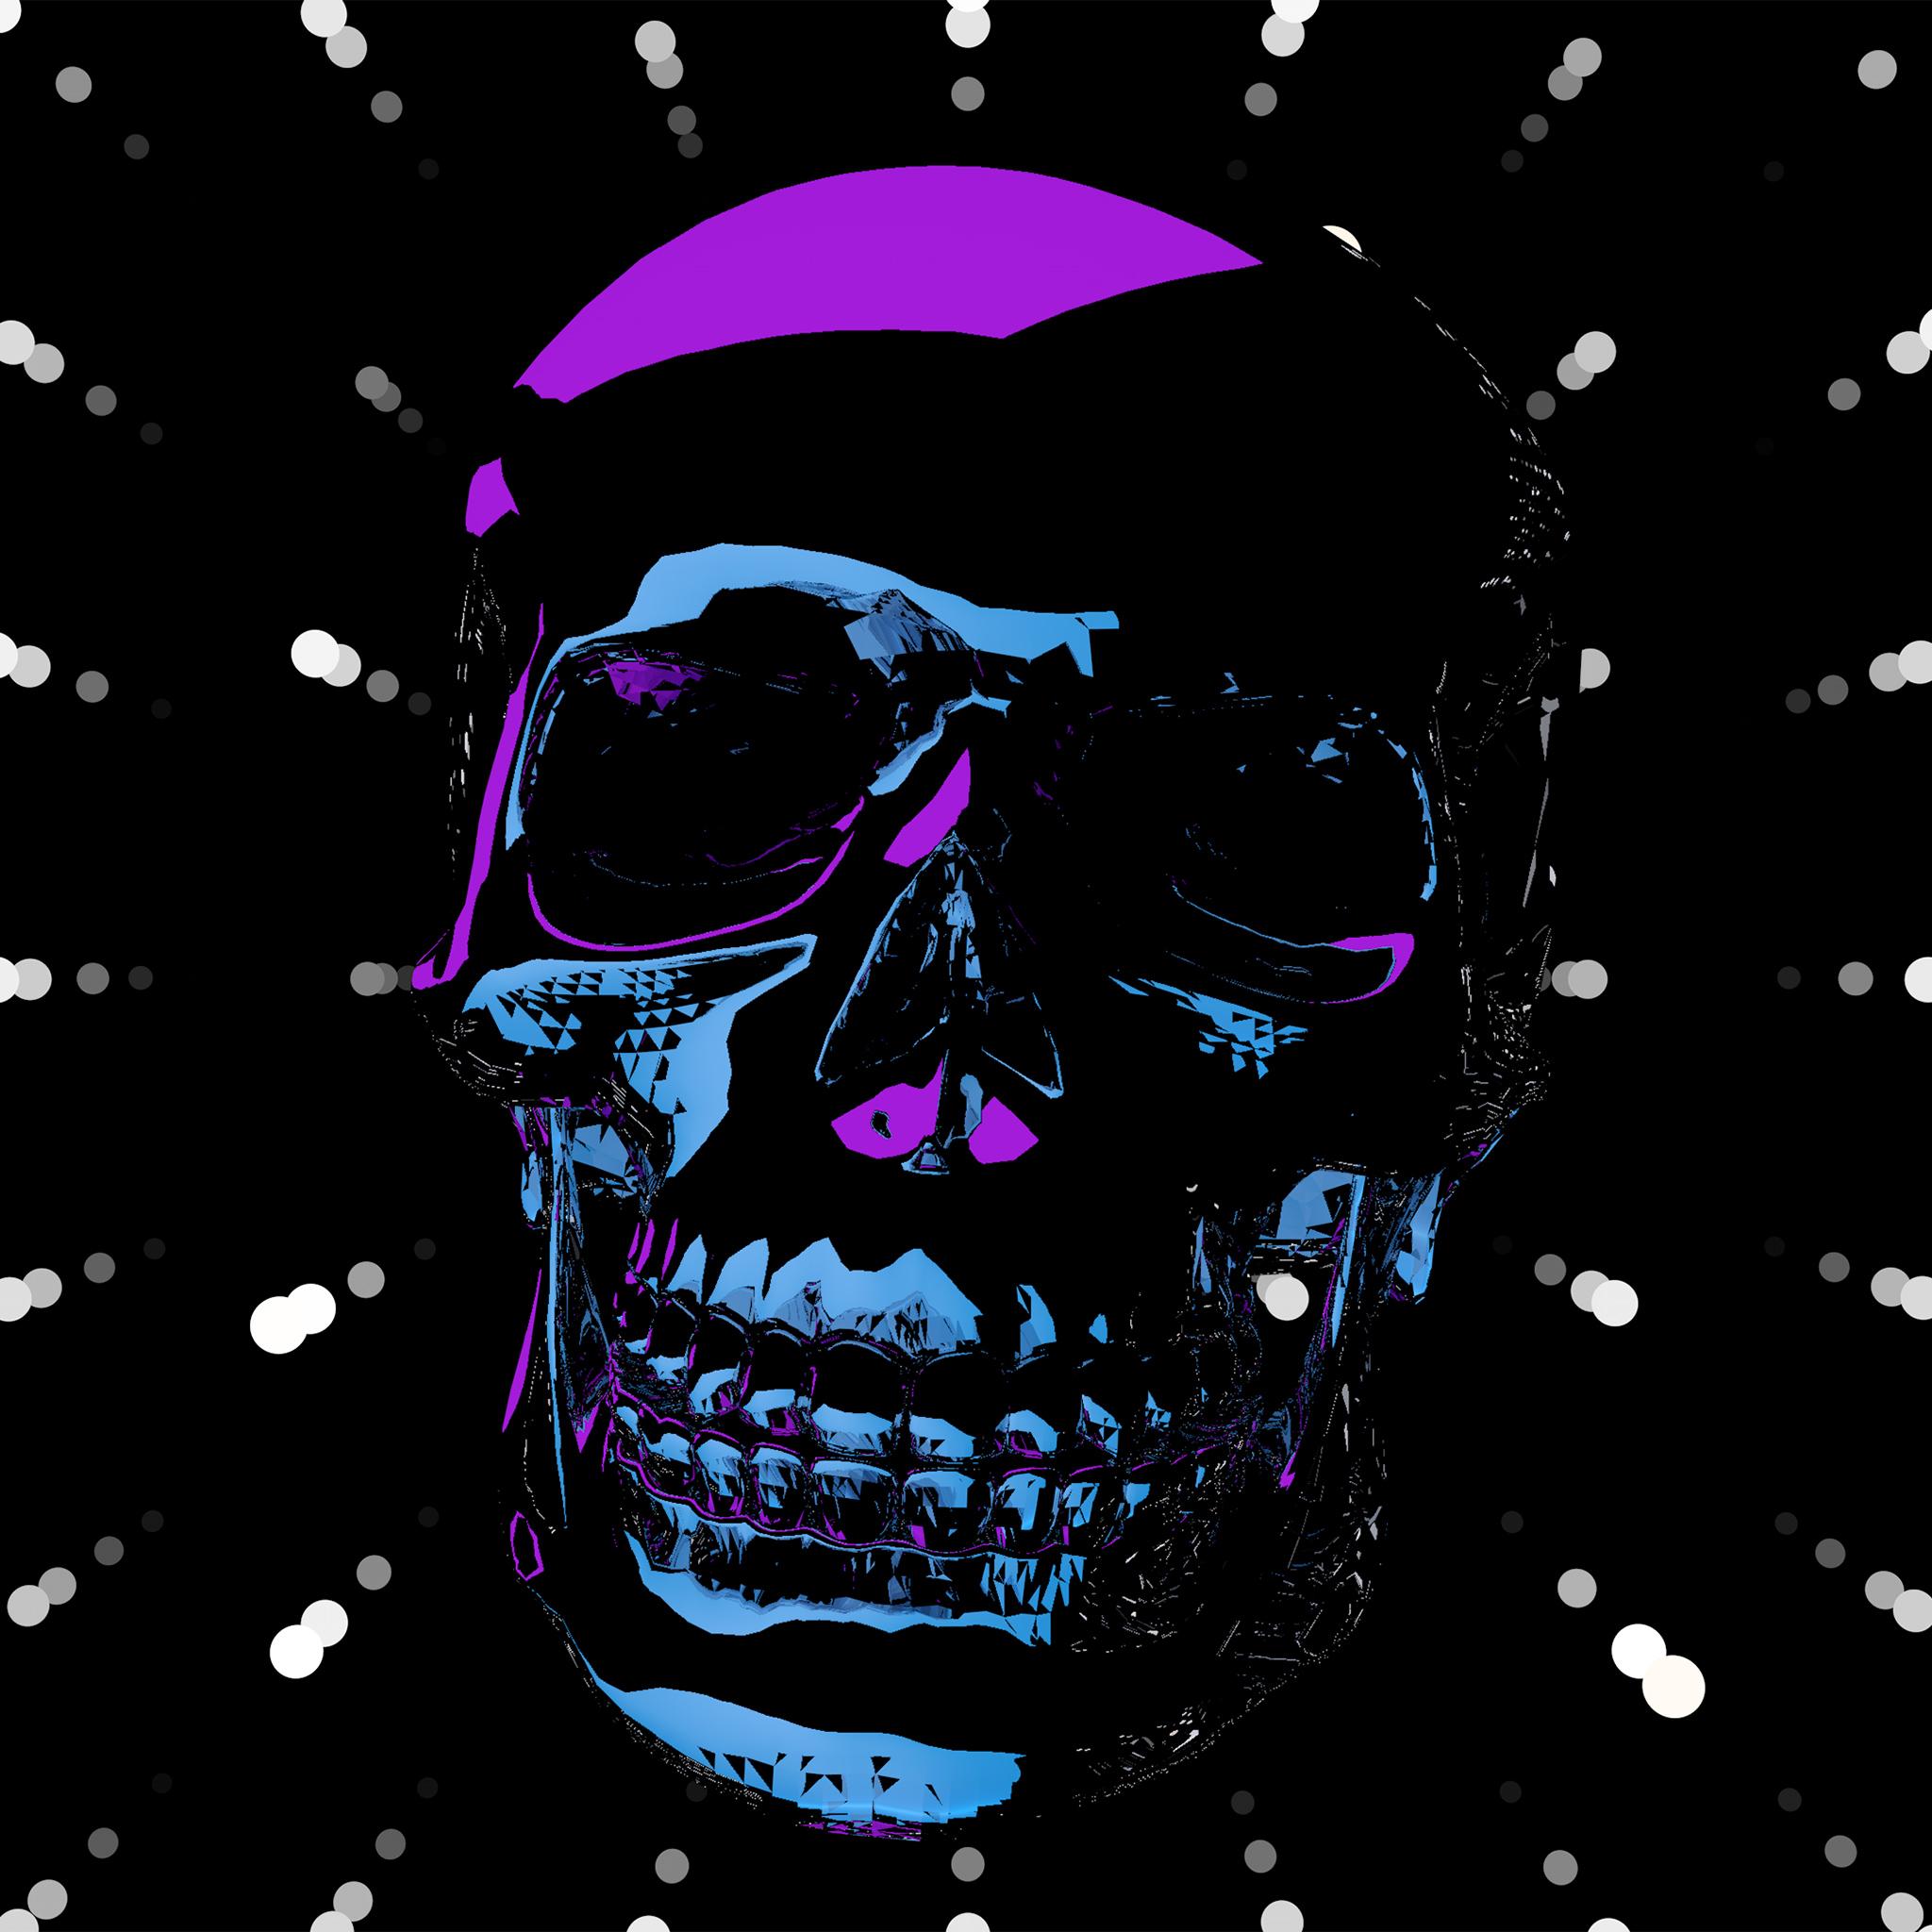 skull_nod_front_4k